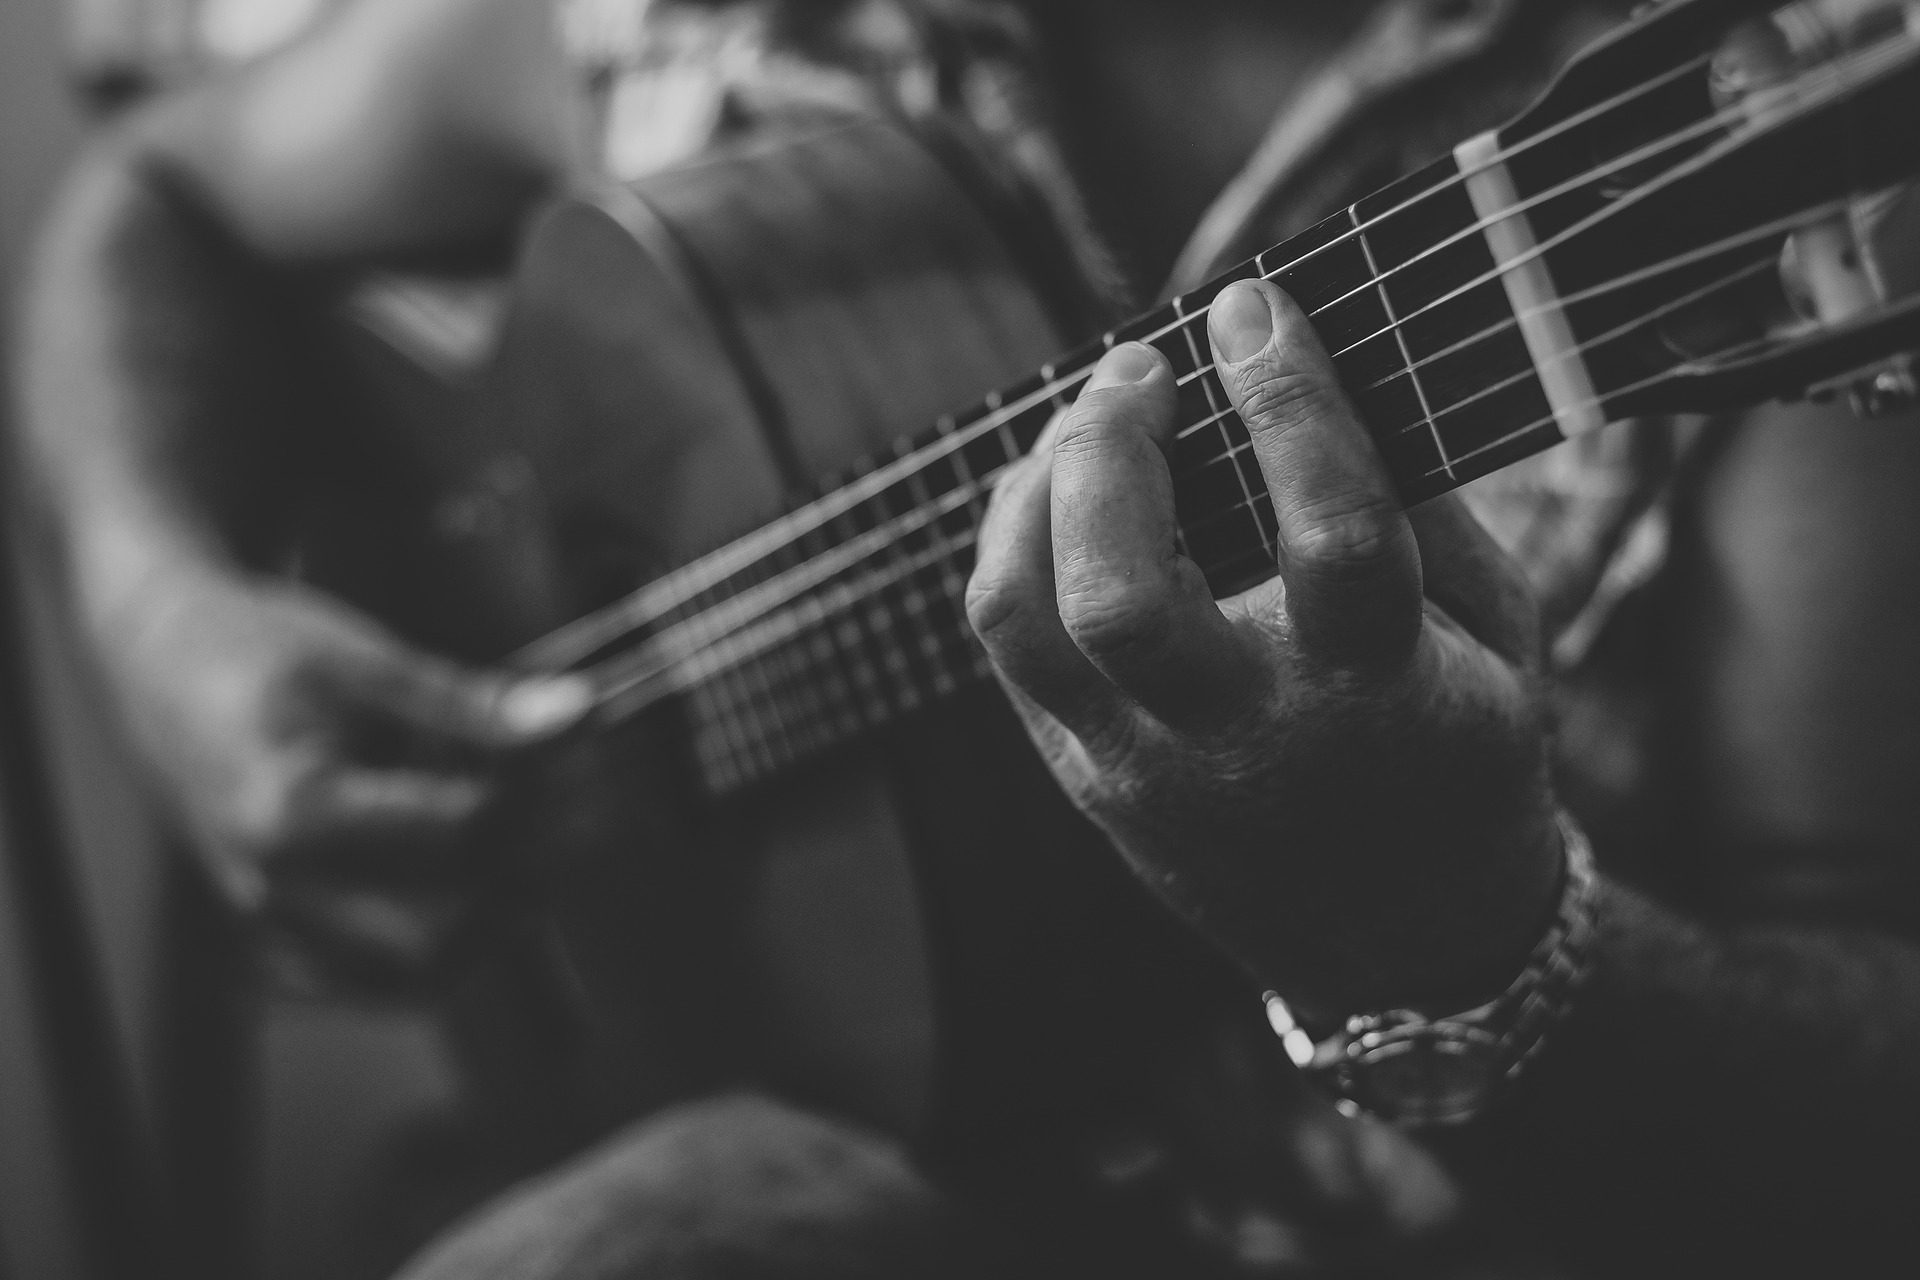 Guitare, musicien, guitariste, mains, chaînes, en noir et blanc - Fonds d'écran HD - Professor-falken.com